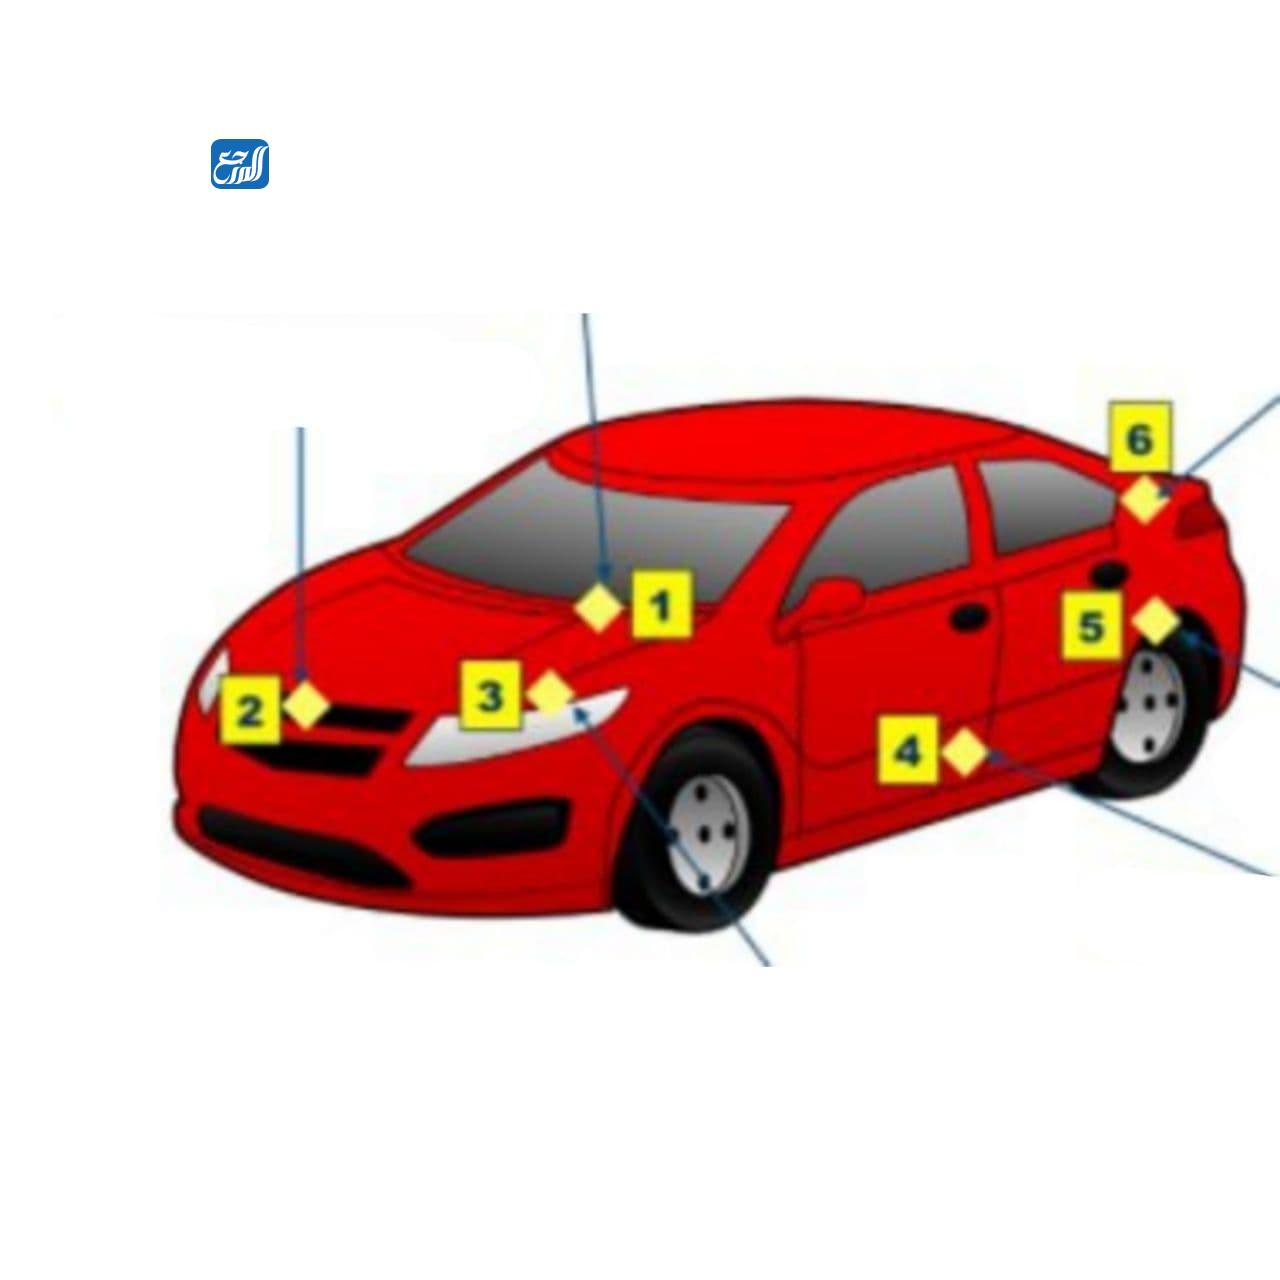 اماكن تواجد رقم الشاصي للسيارات اليابانية